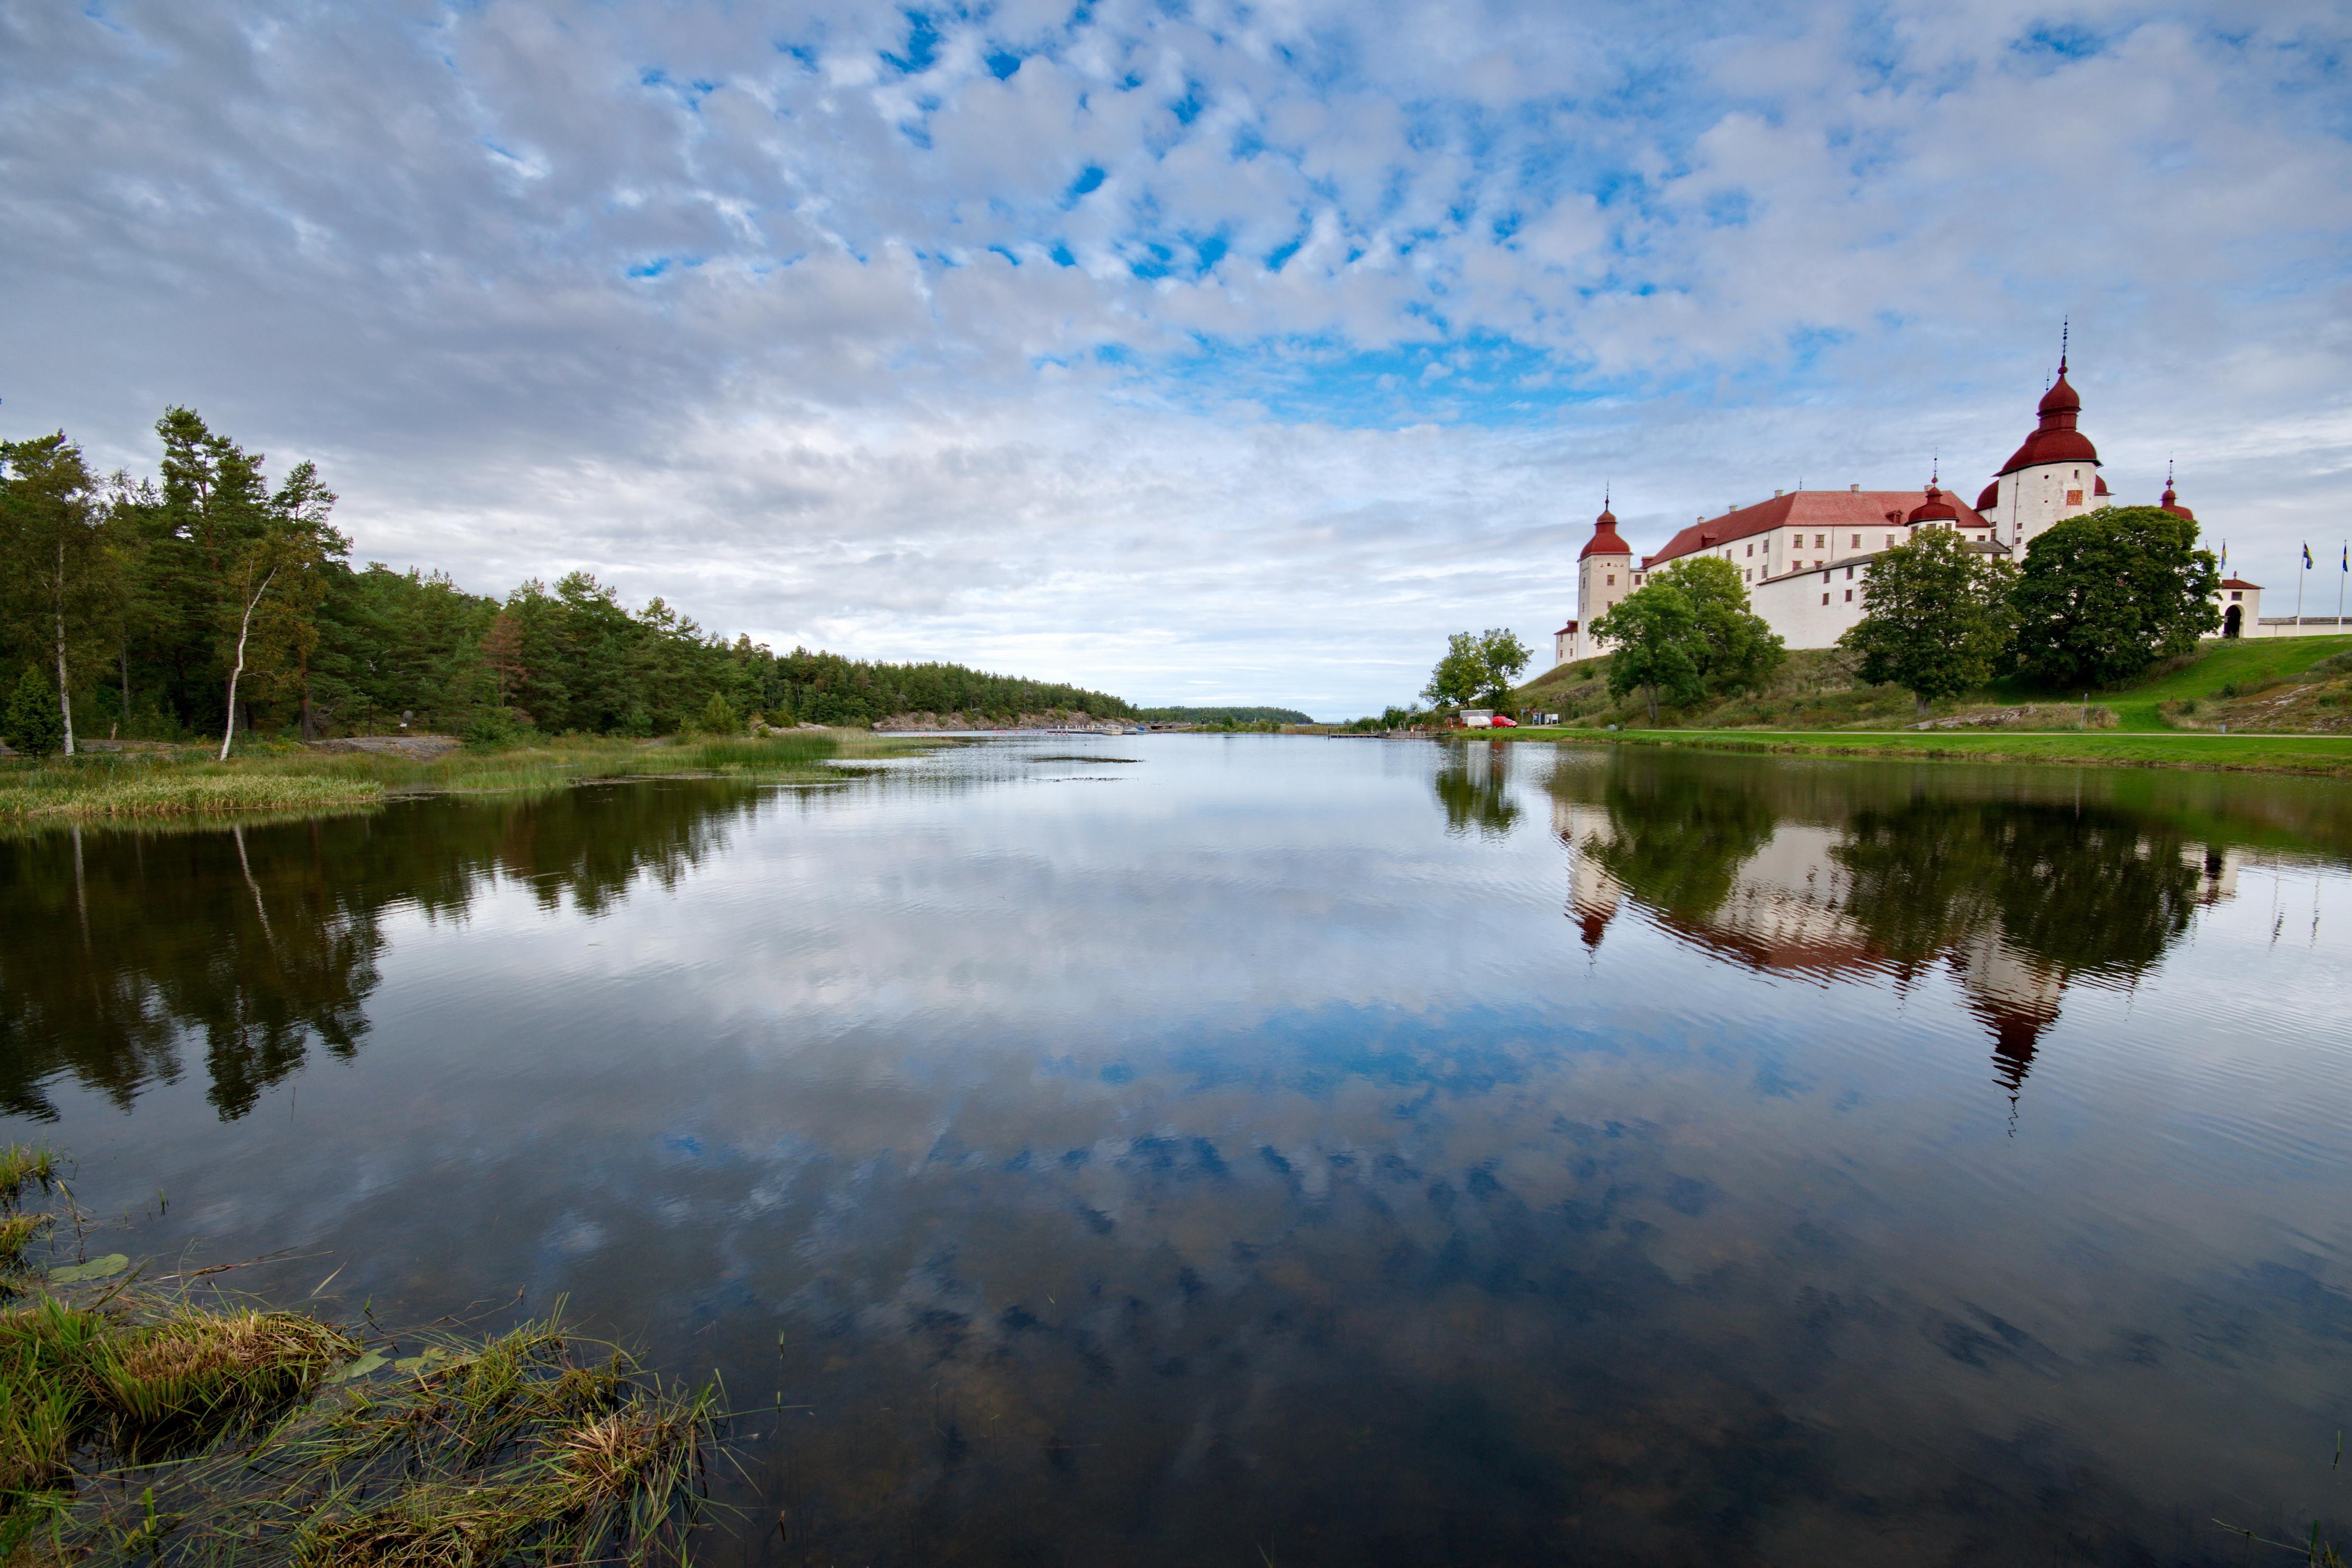 Pils, Lacko pils, Vēnerns, ezers Zviedrijā, lielākais ezers